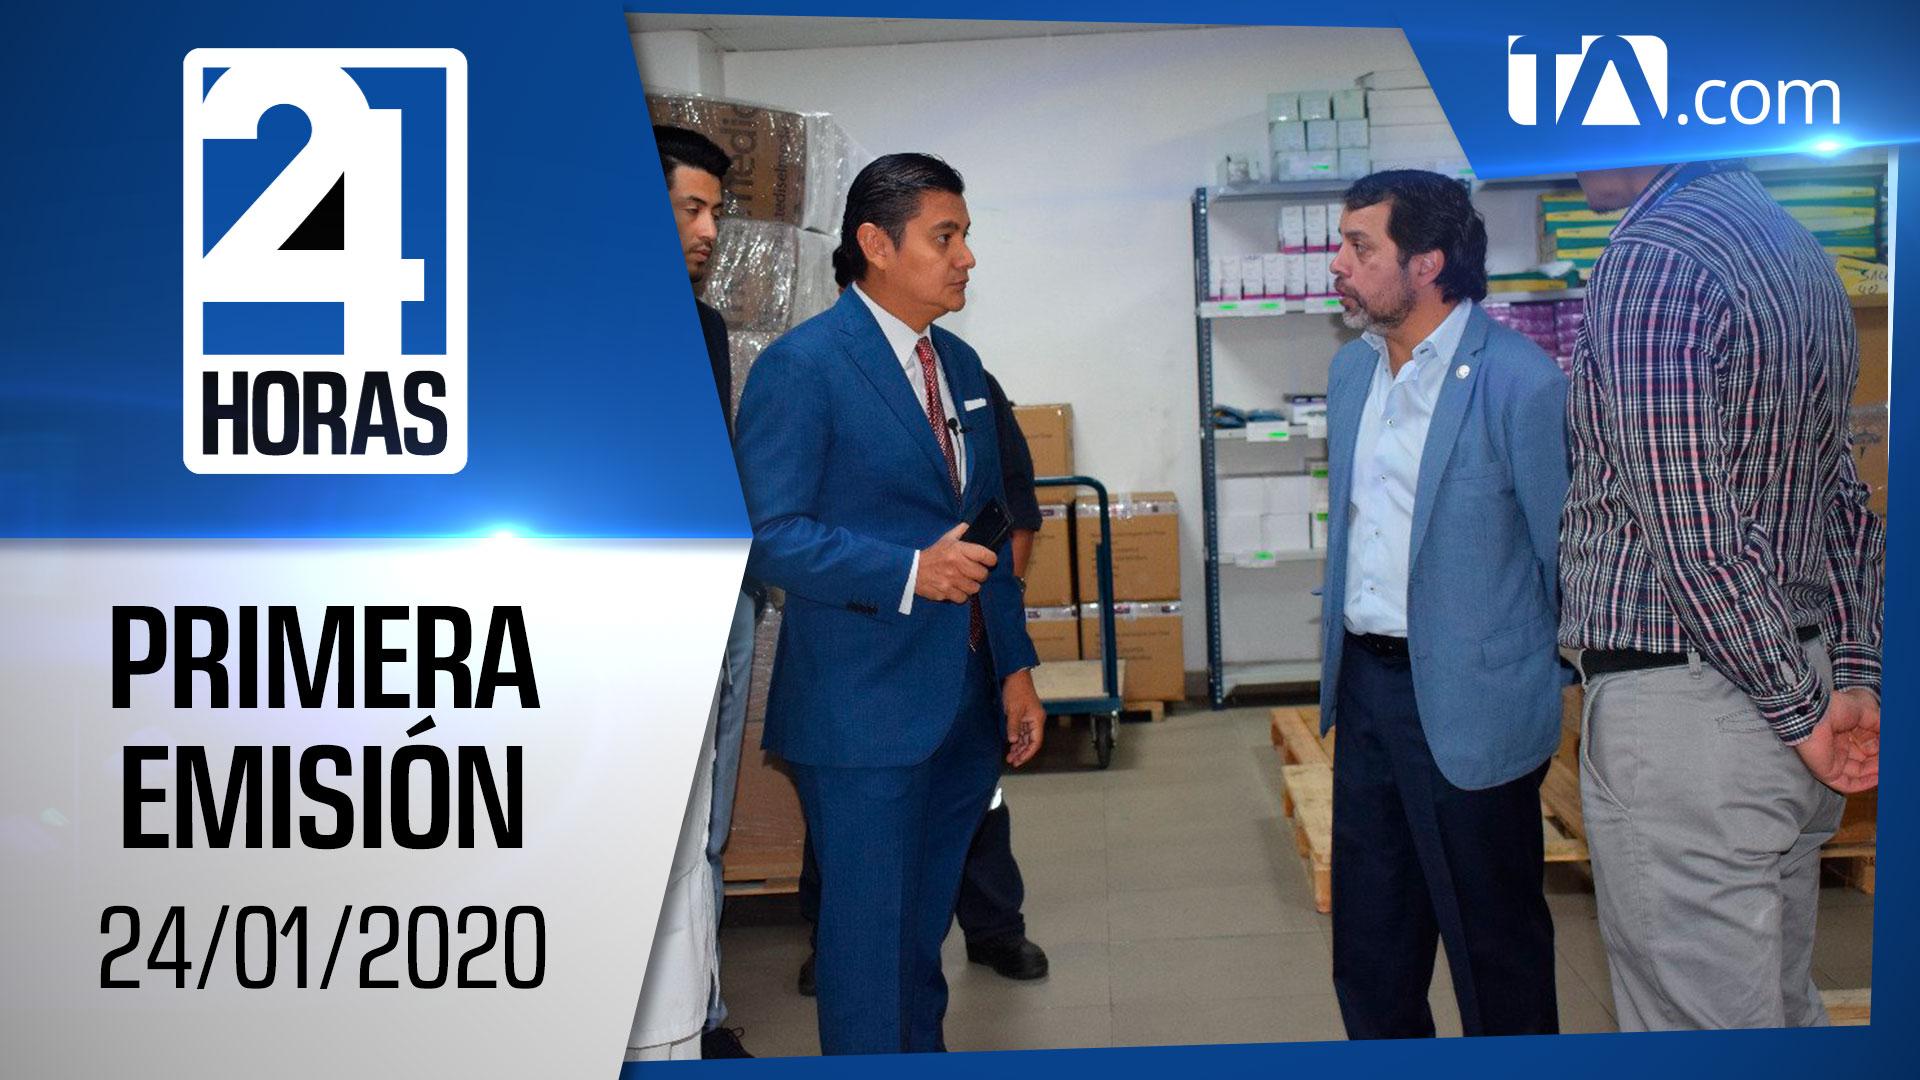 Noticias Ecuador: Noticiero 24 Horas 24/01/2020 (Primera Emisión)